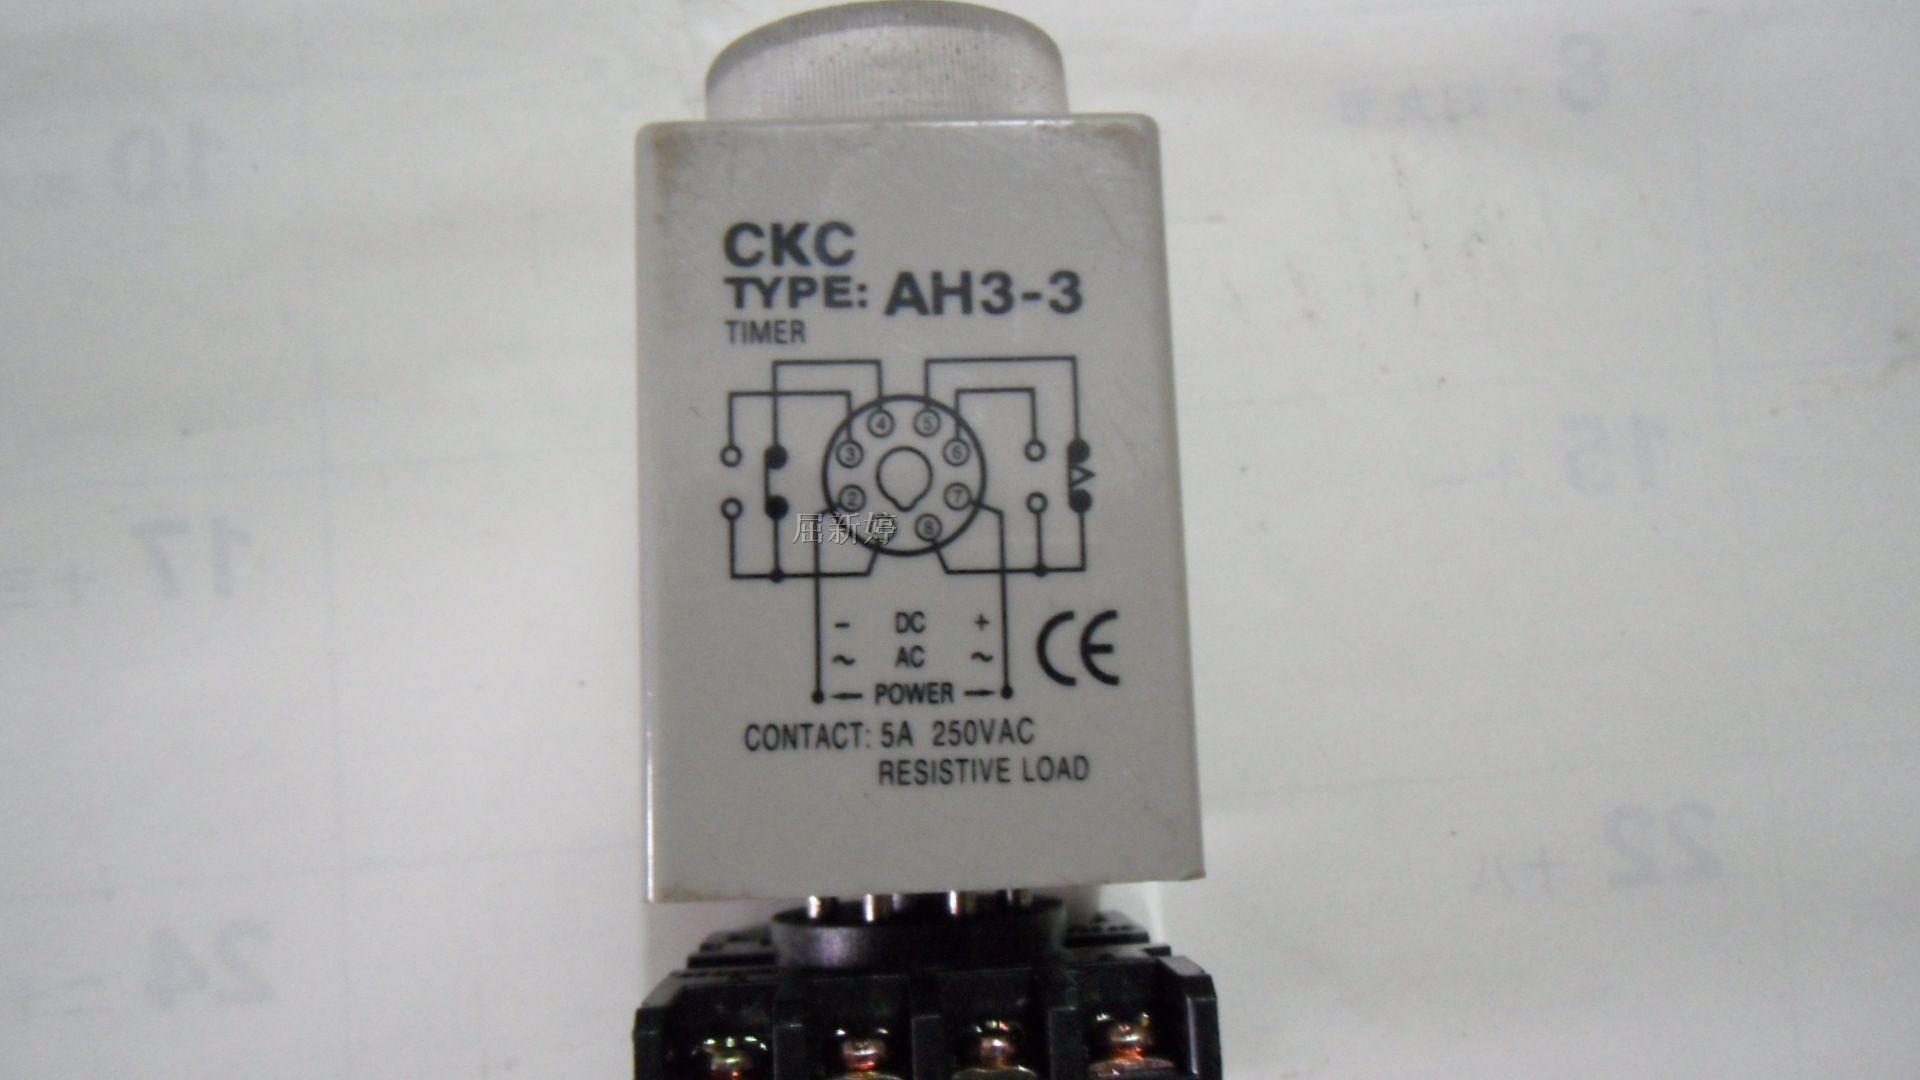 [图]供应松菱时间继电器ah3-3; 时间继电器接线图; 供应台湾松菱